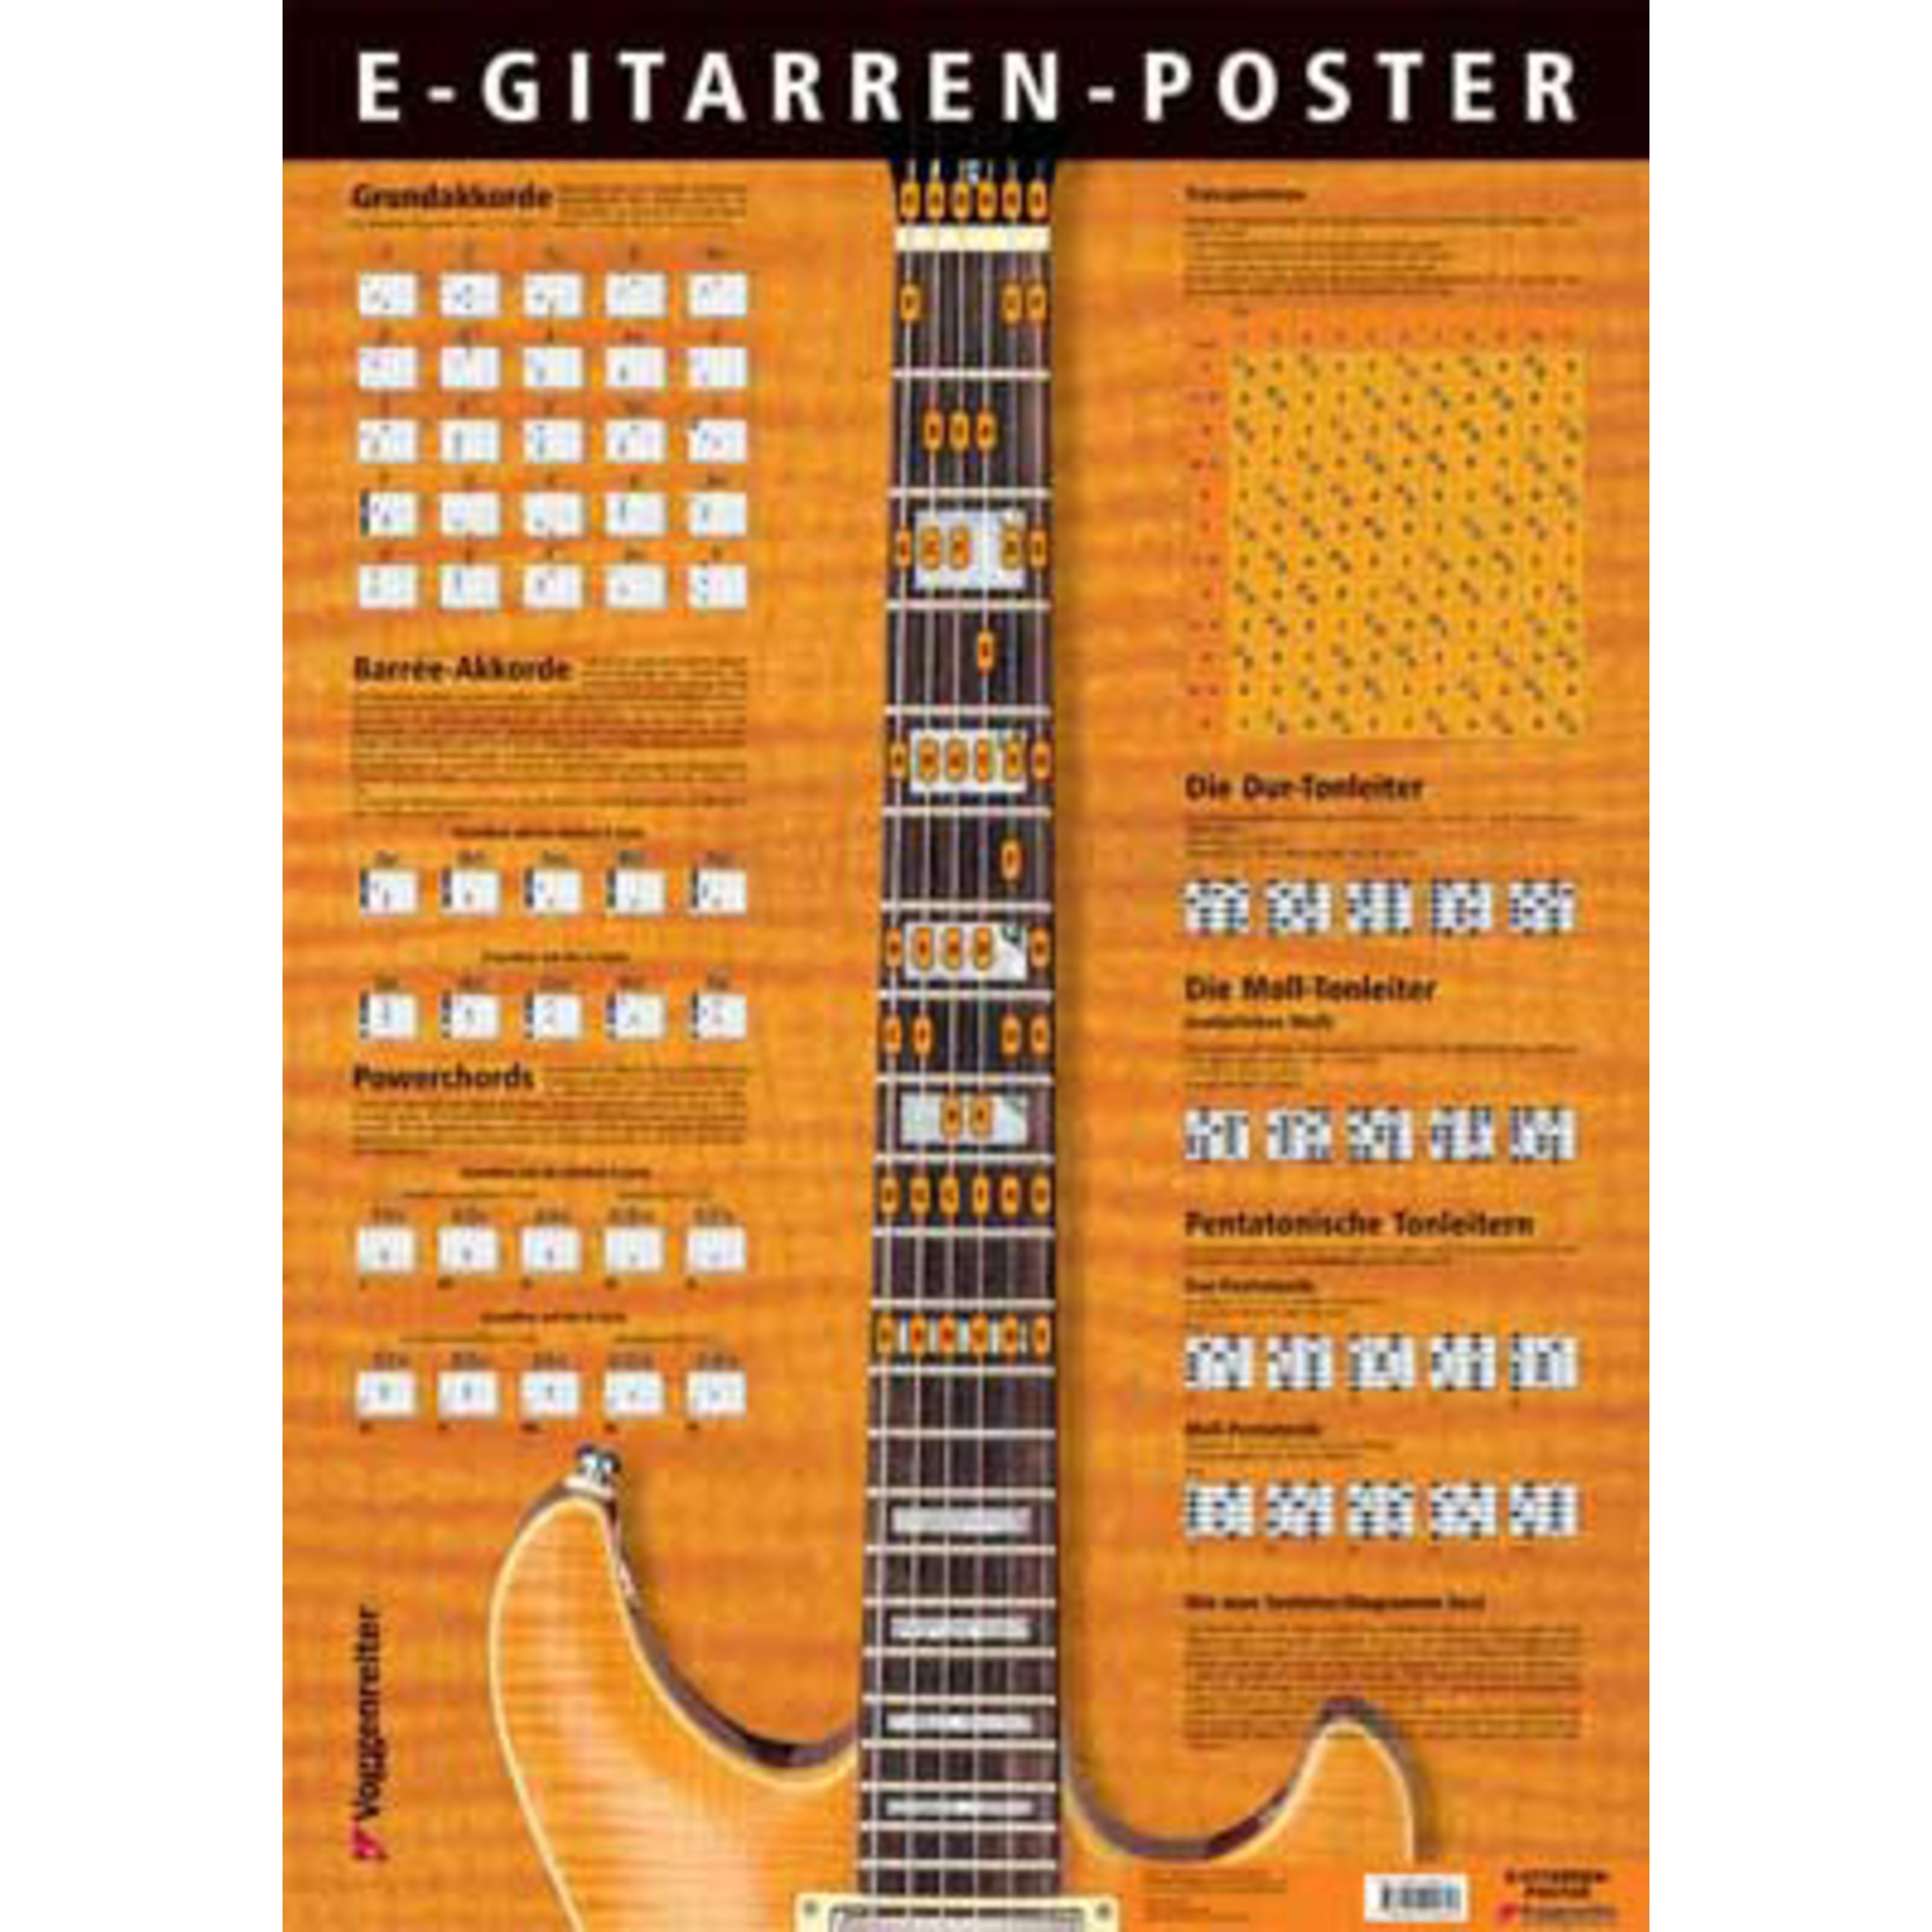 Voggenreiter - E-Gitarren-Poster 0481-8